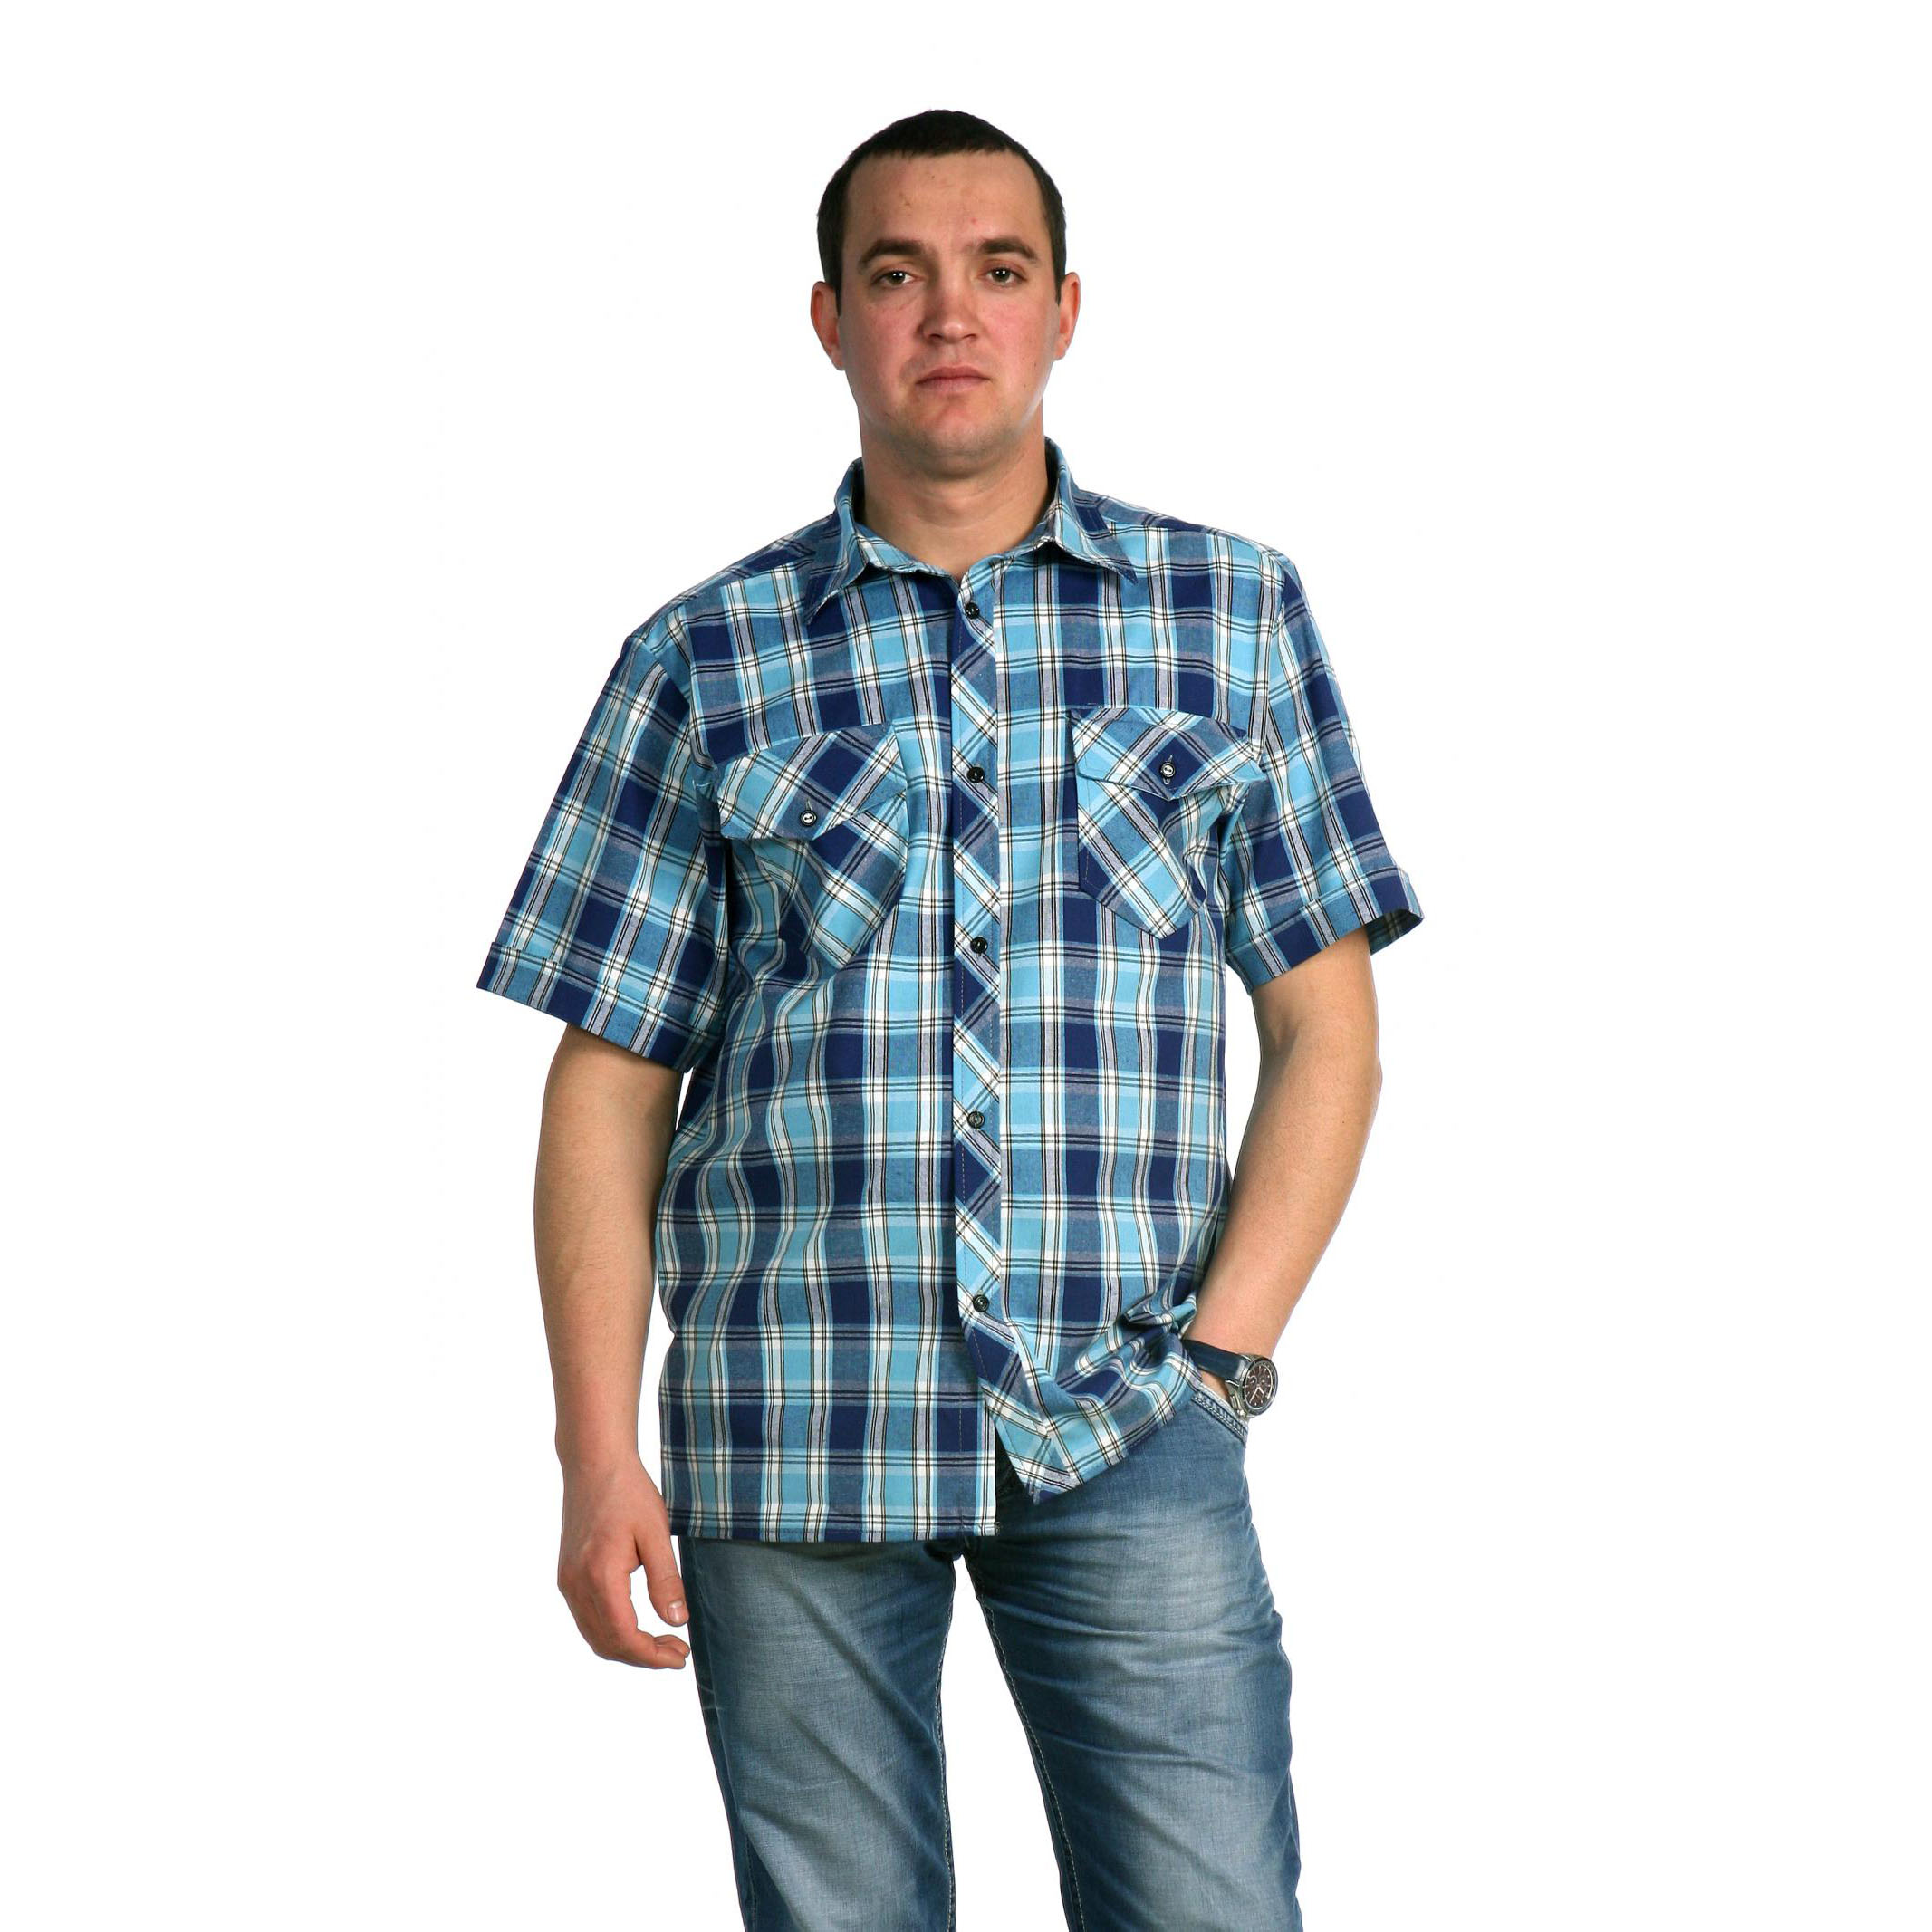 Мужская рубашка «Аллан» арт. 0013, размер 50Толстовки, джемпера и рубашки<br>Обхват груди:100 см<br>Обхват талии:92 см<br>Обхват бедер:106 см<br>Обхват шеи, ворот:41 см<br>Рост:176-182 см<br><br>Тип: Муж. рубашка<br>Размер: 50<br>Материал: Шотландка